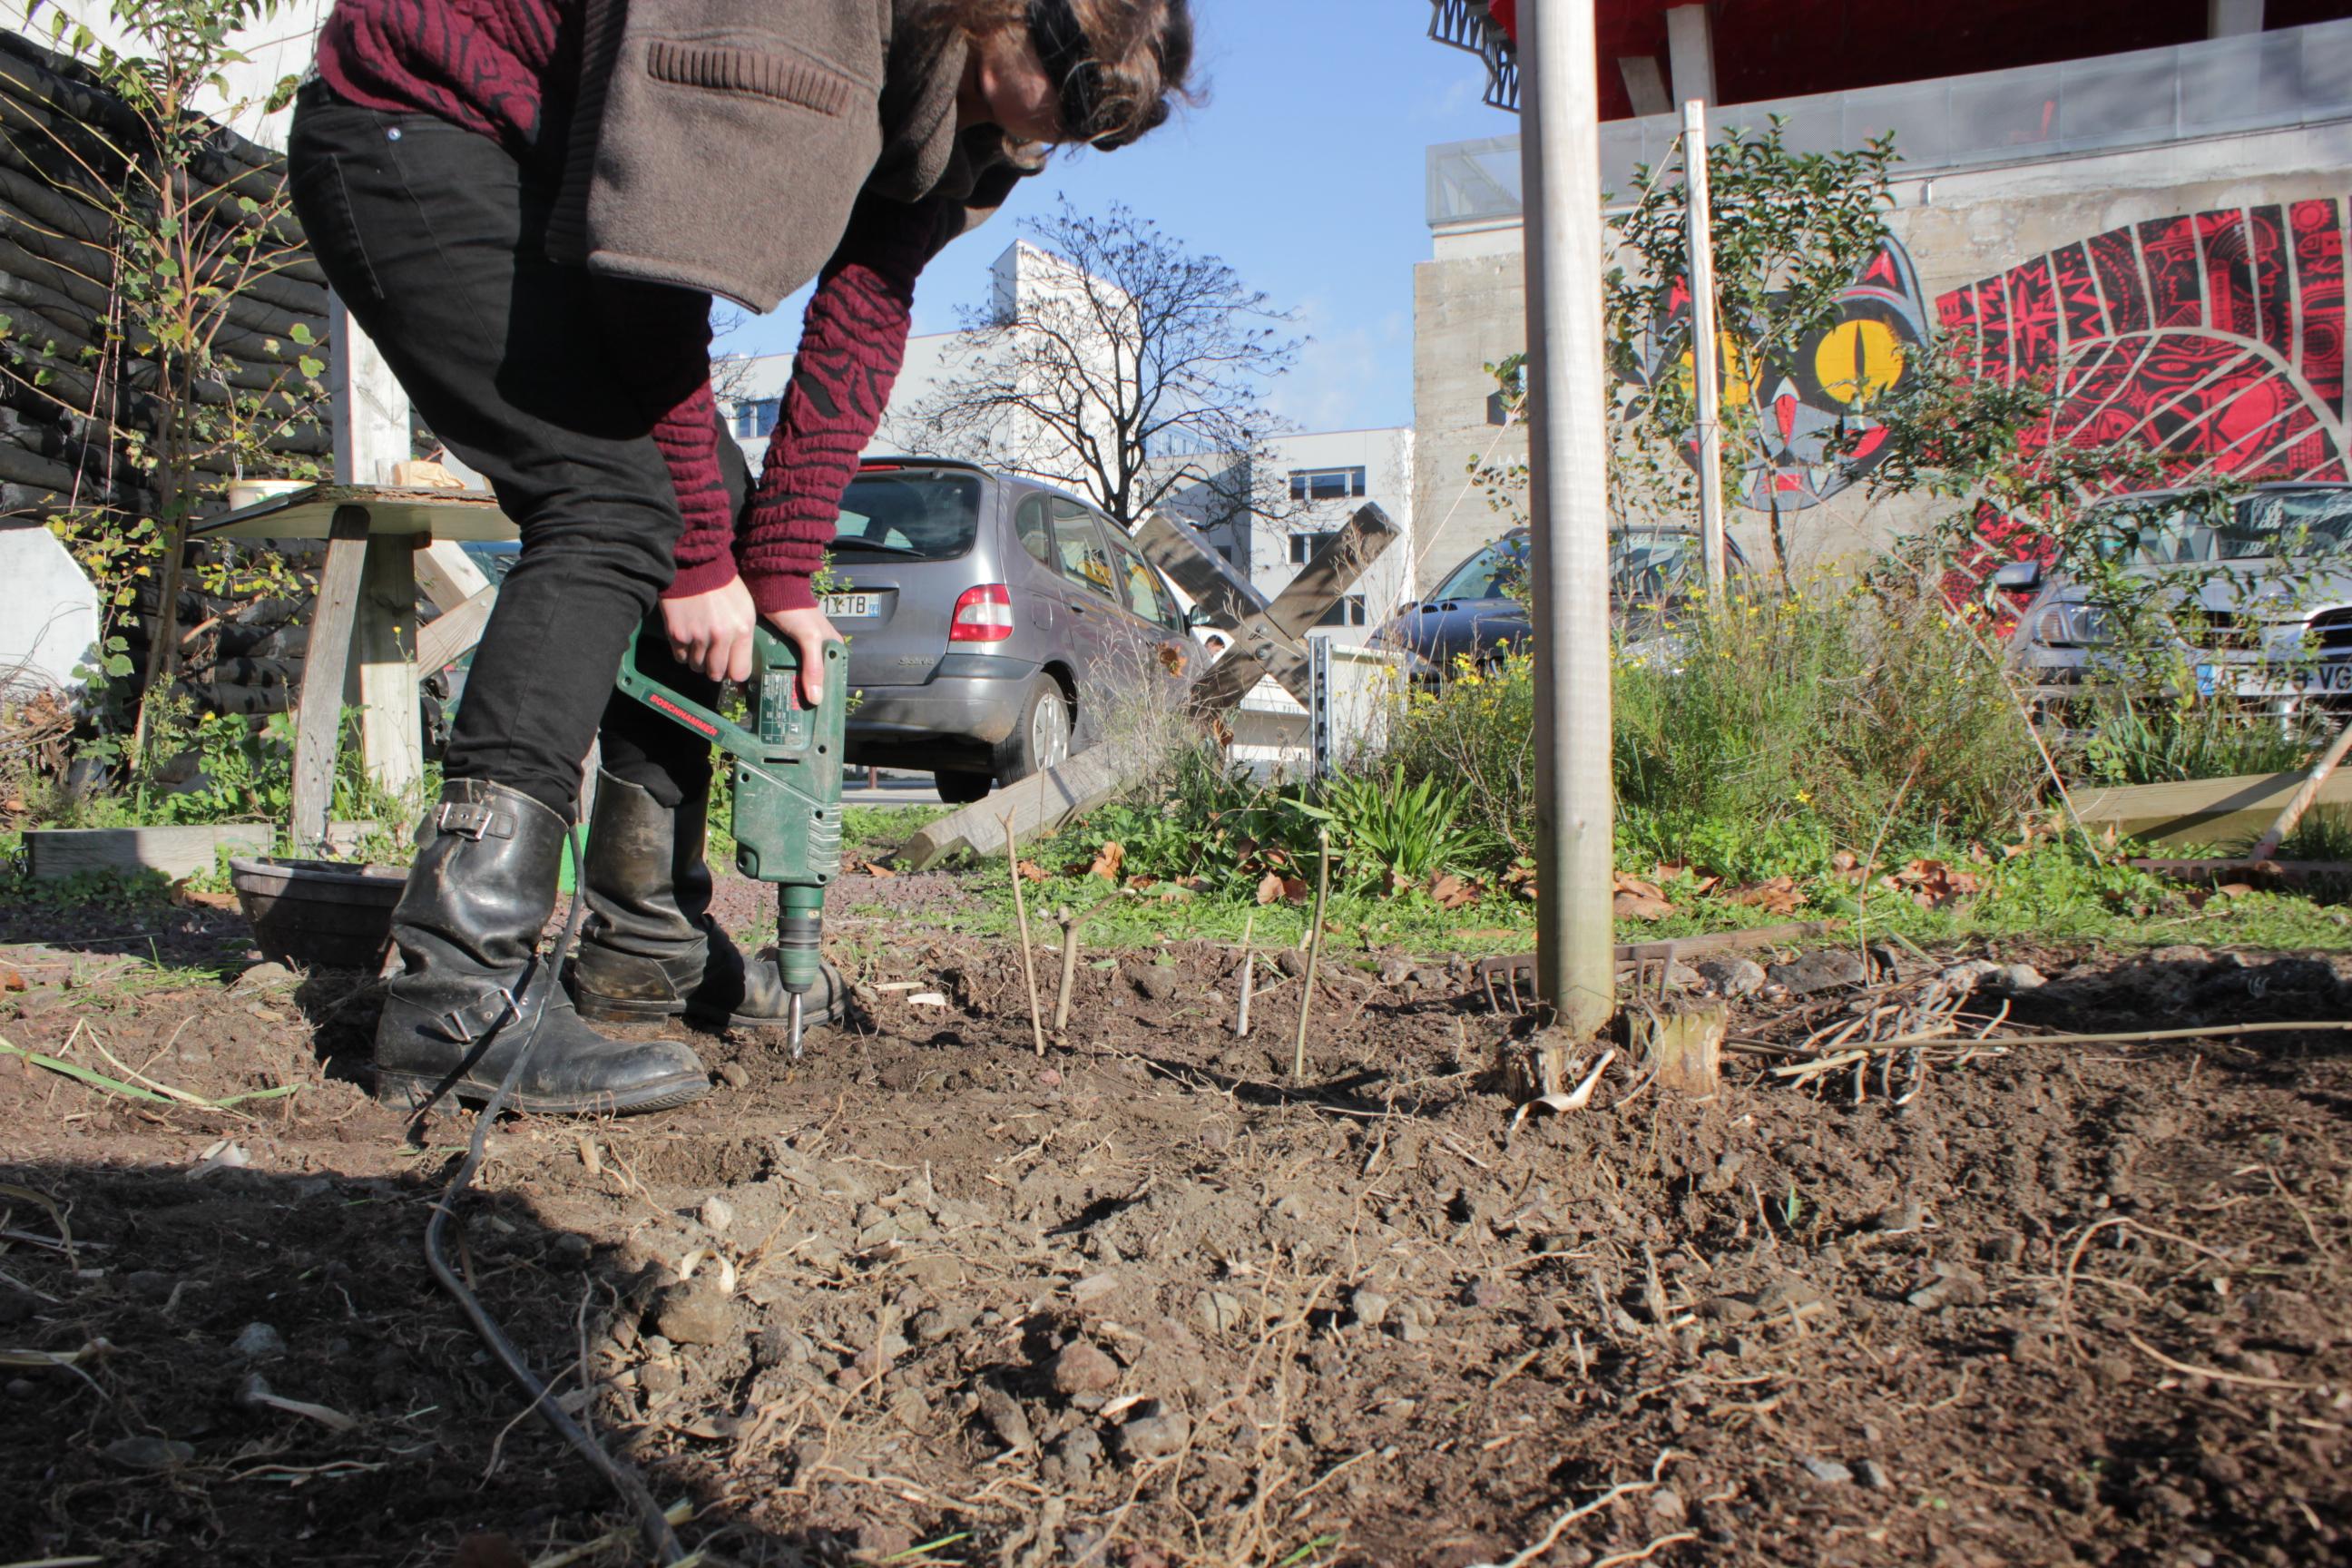 Mire chantier d hiver au jardin c for Hiver au jardin